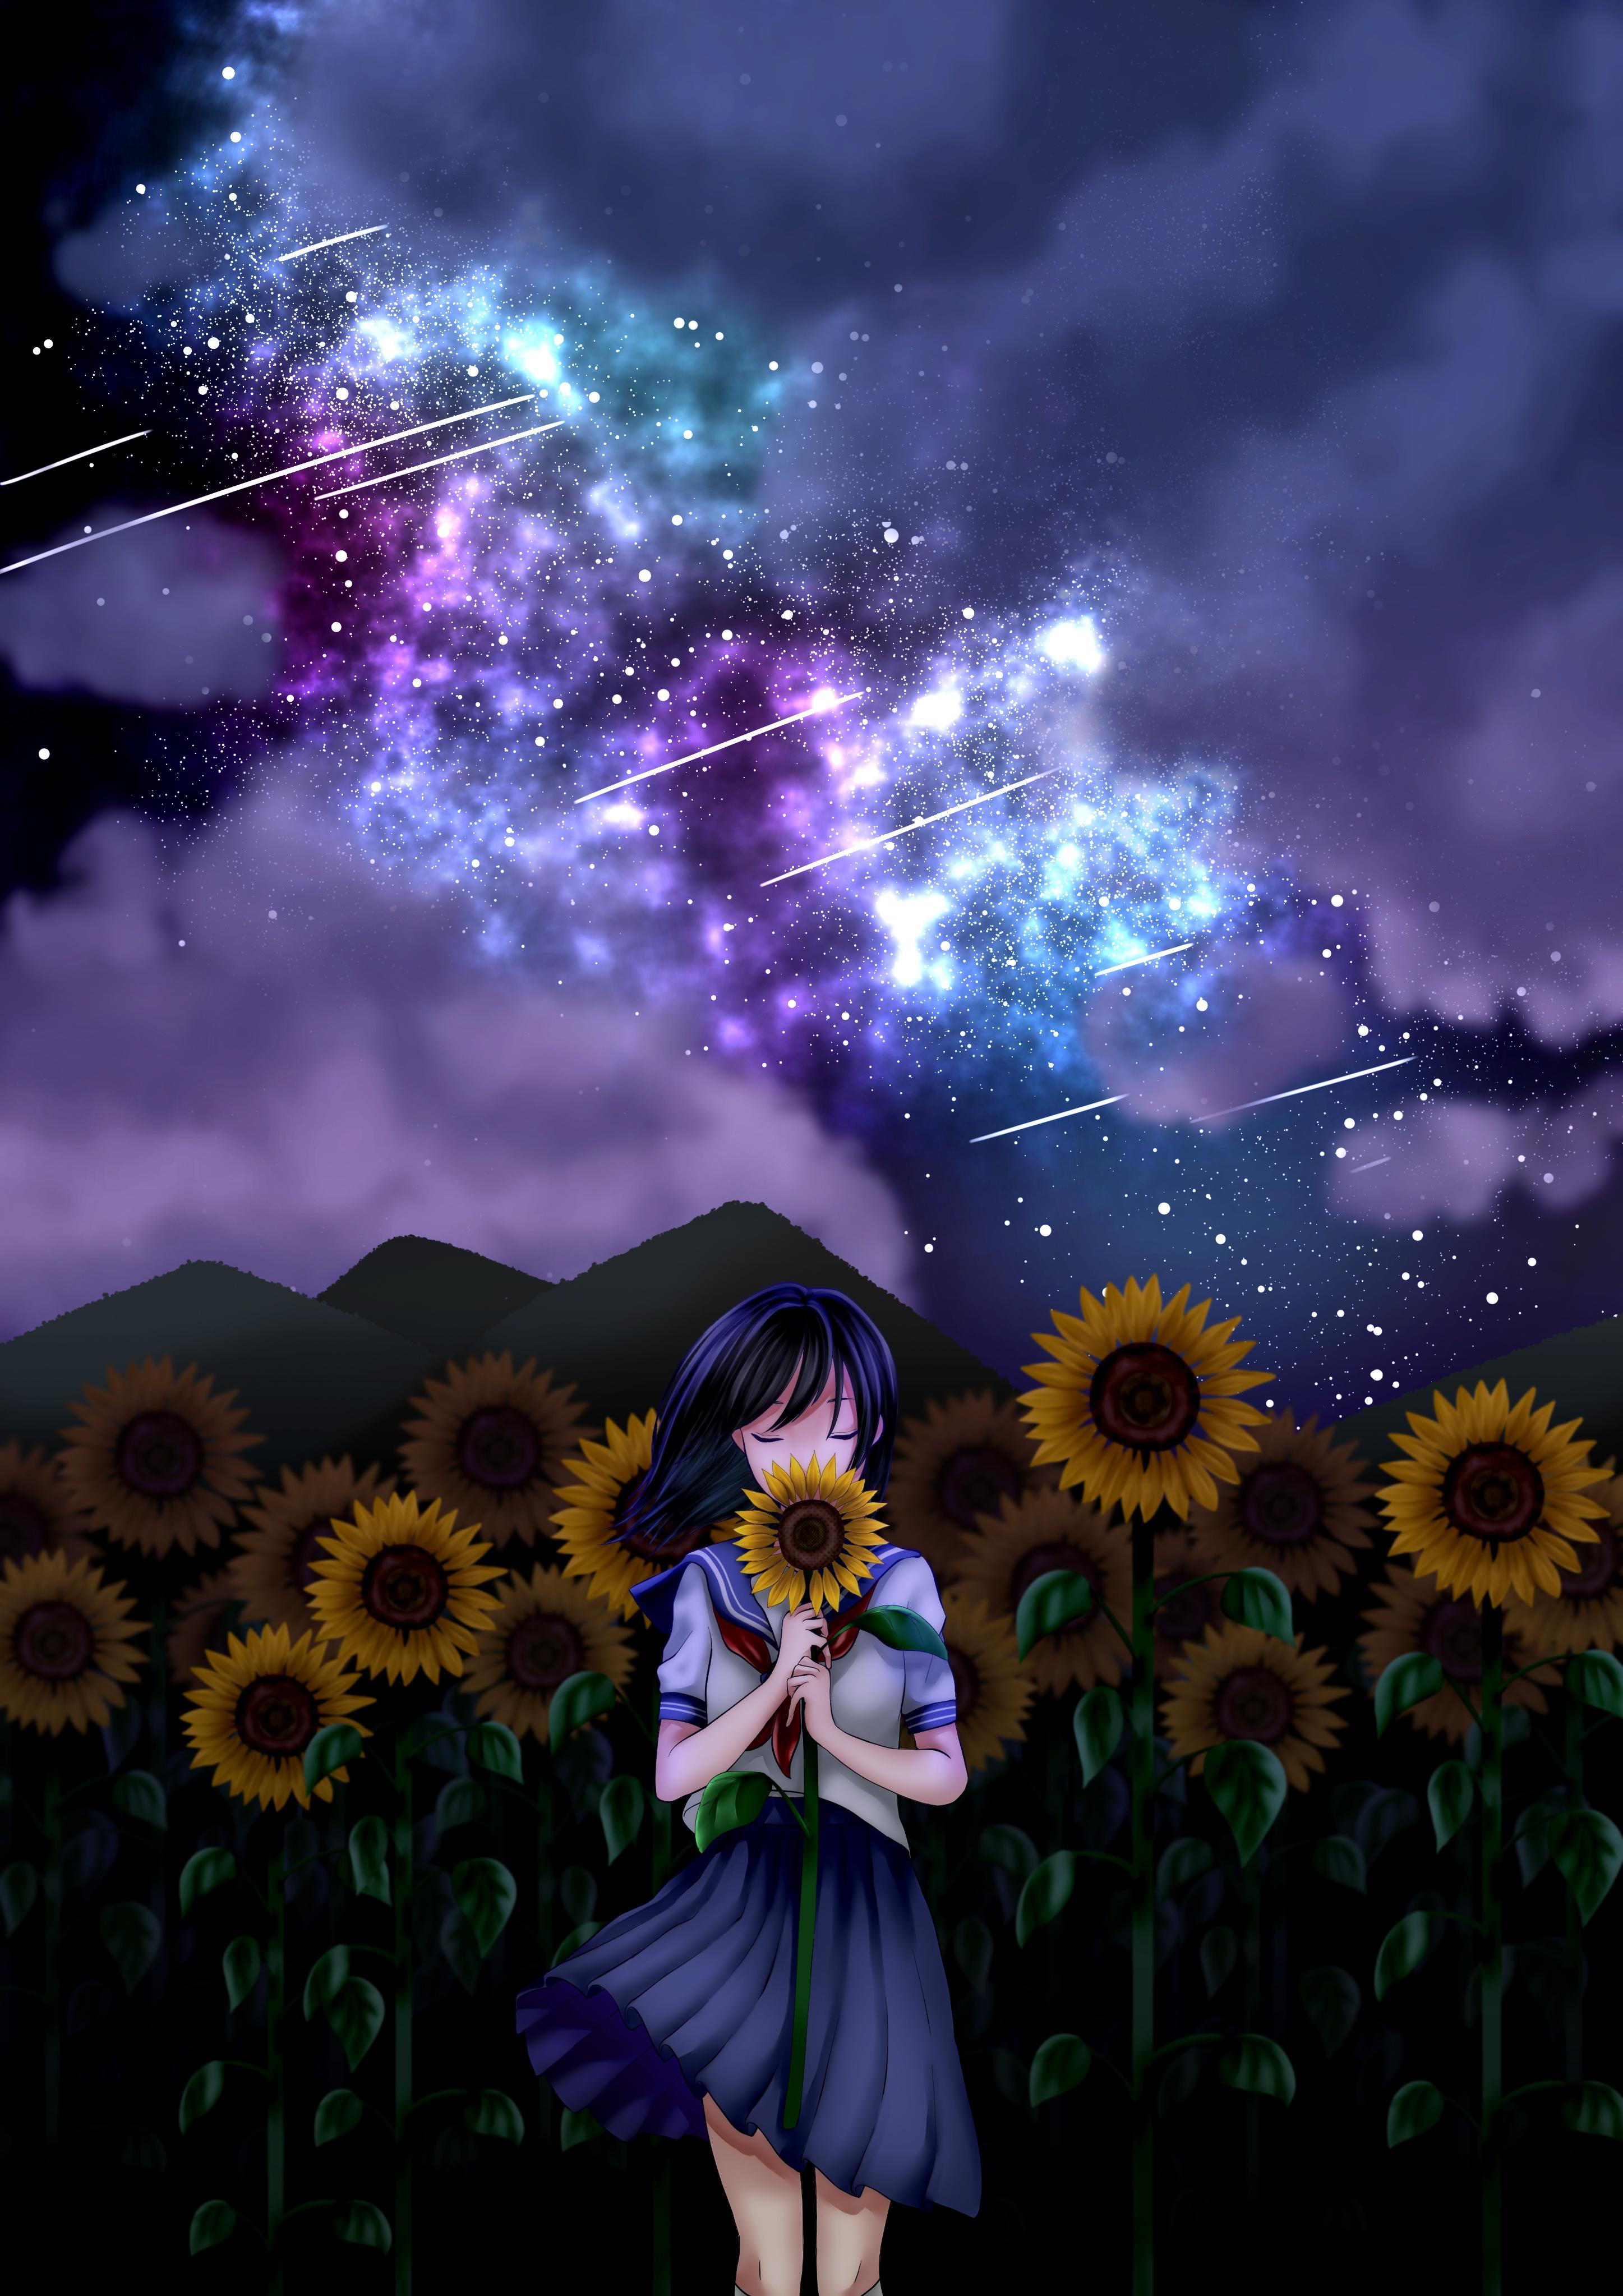 夏の夜空とひまわり/mmm